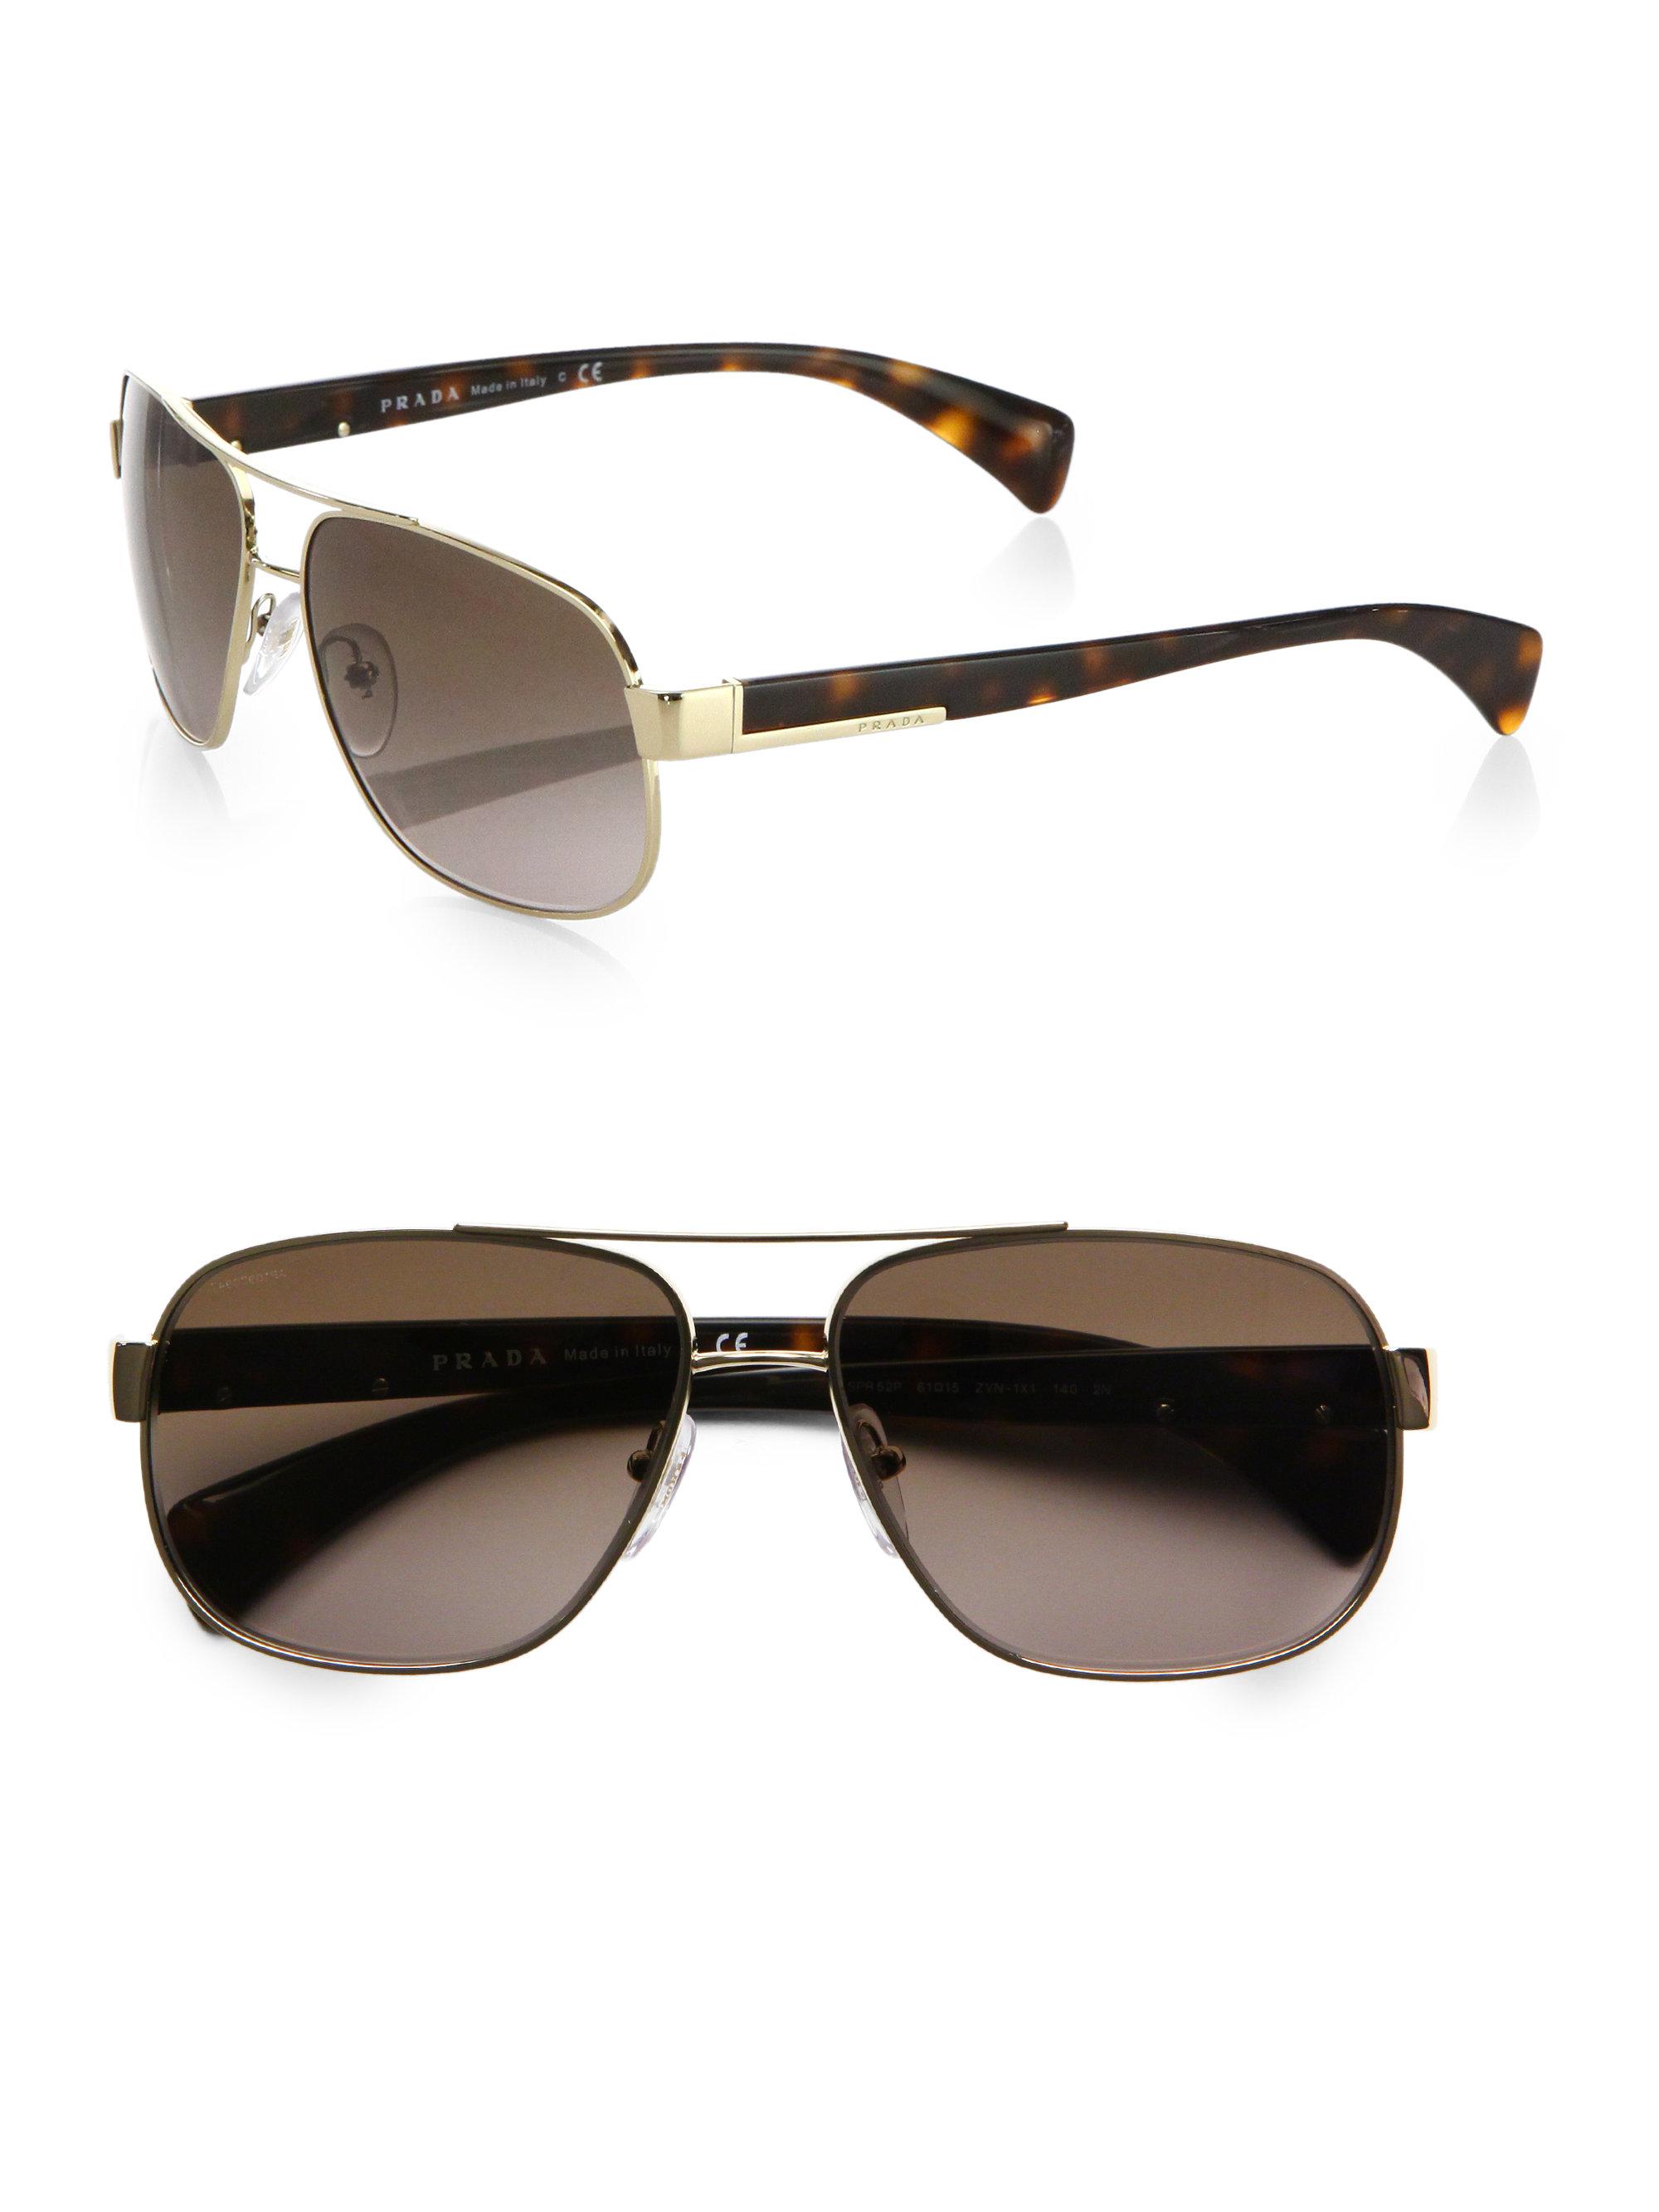 36879a1b75853 ... norway lyst prada classic metal pilot sunglasses in brown for men a3155  48211